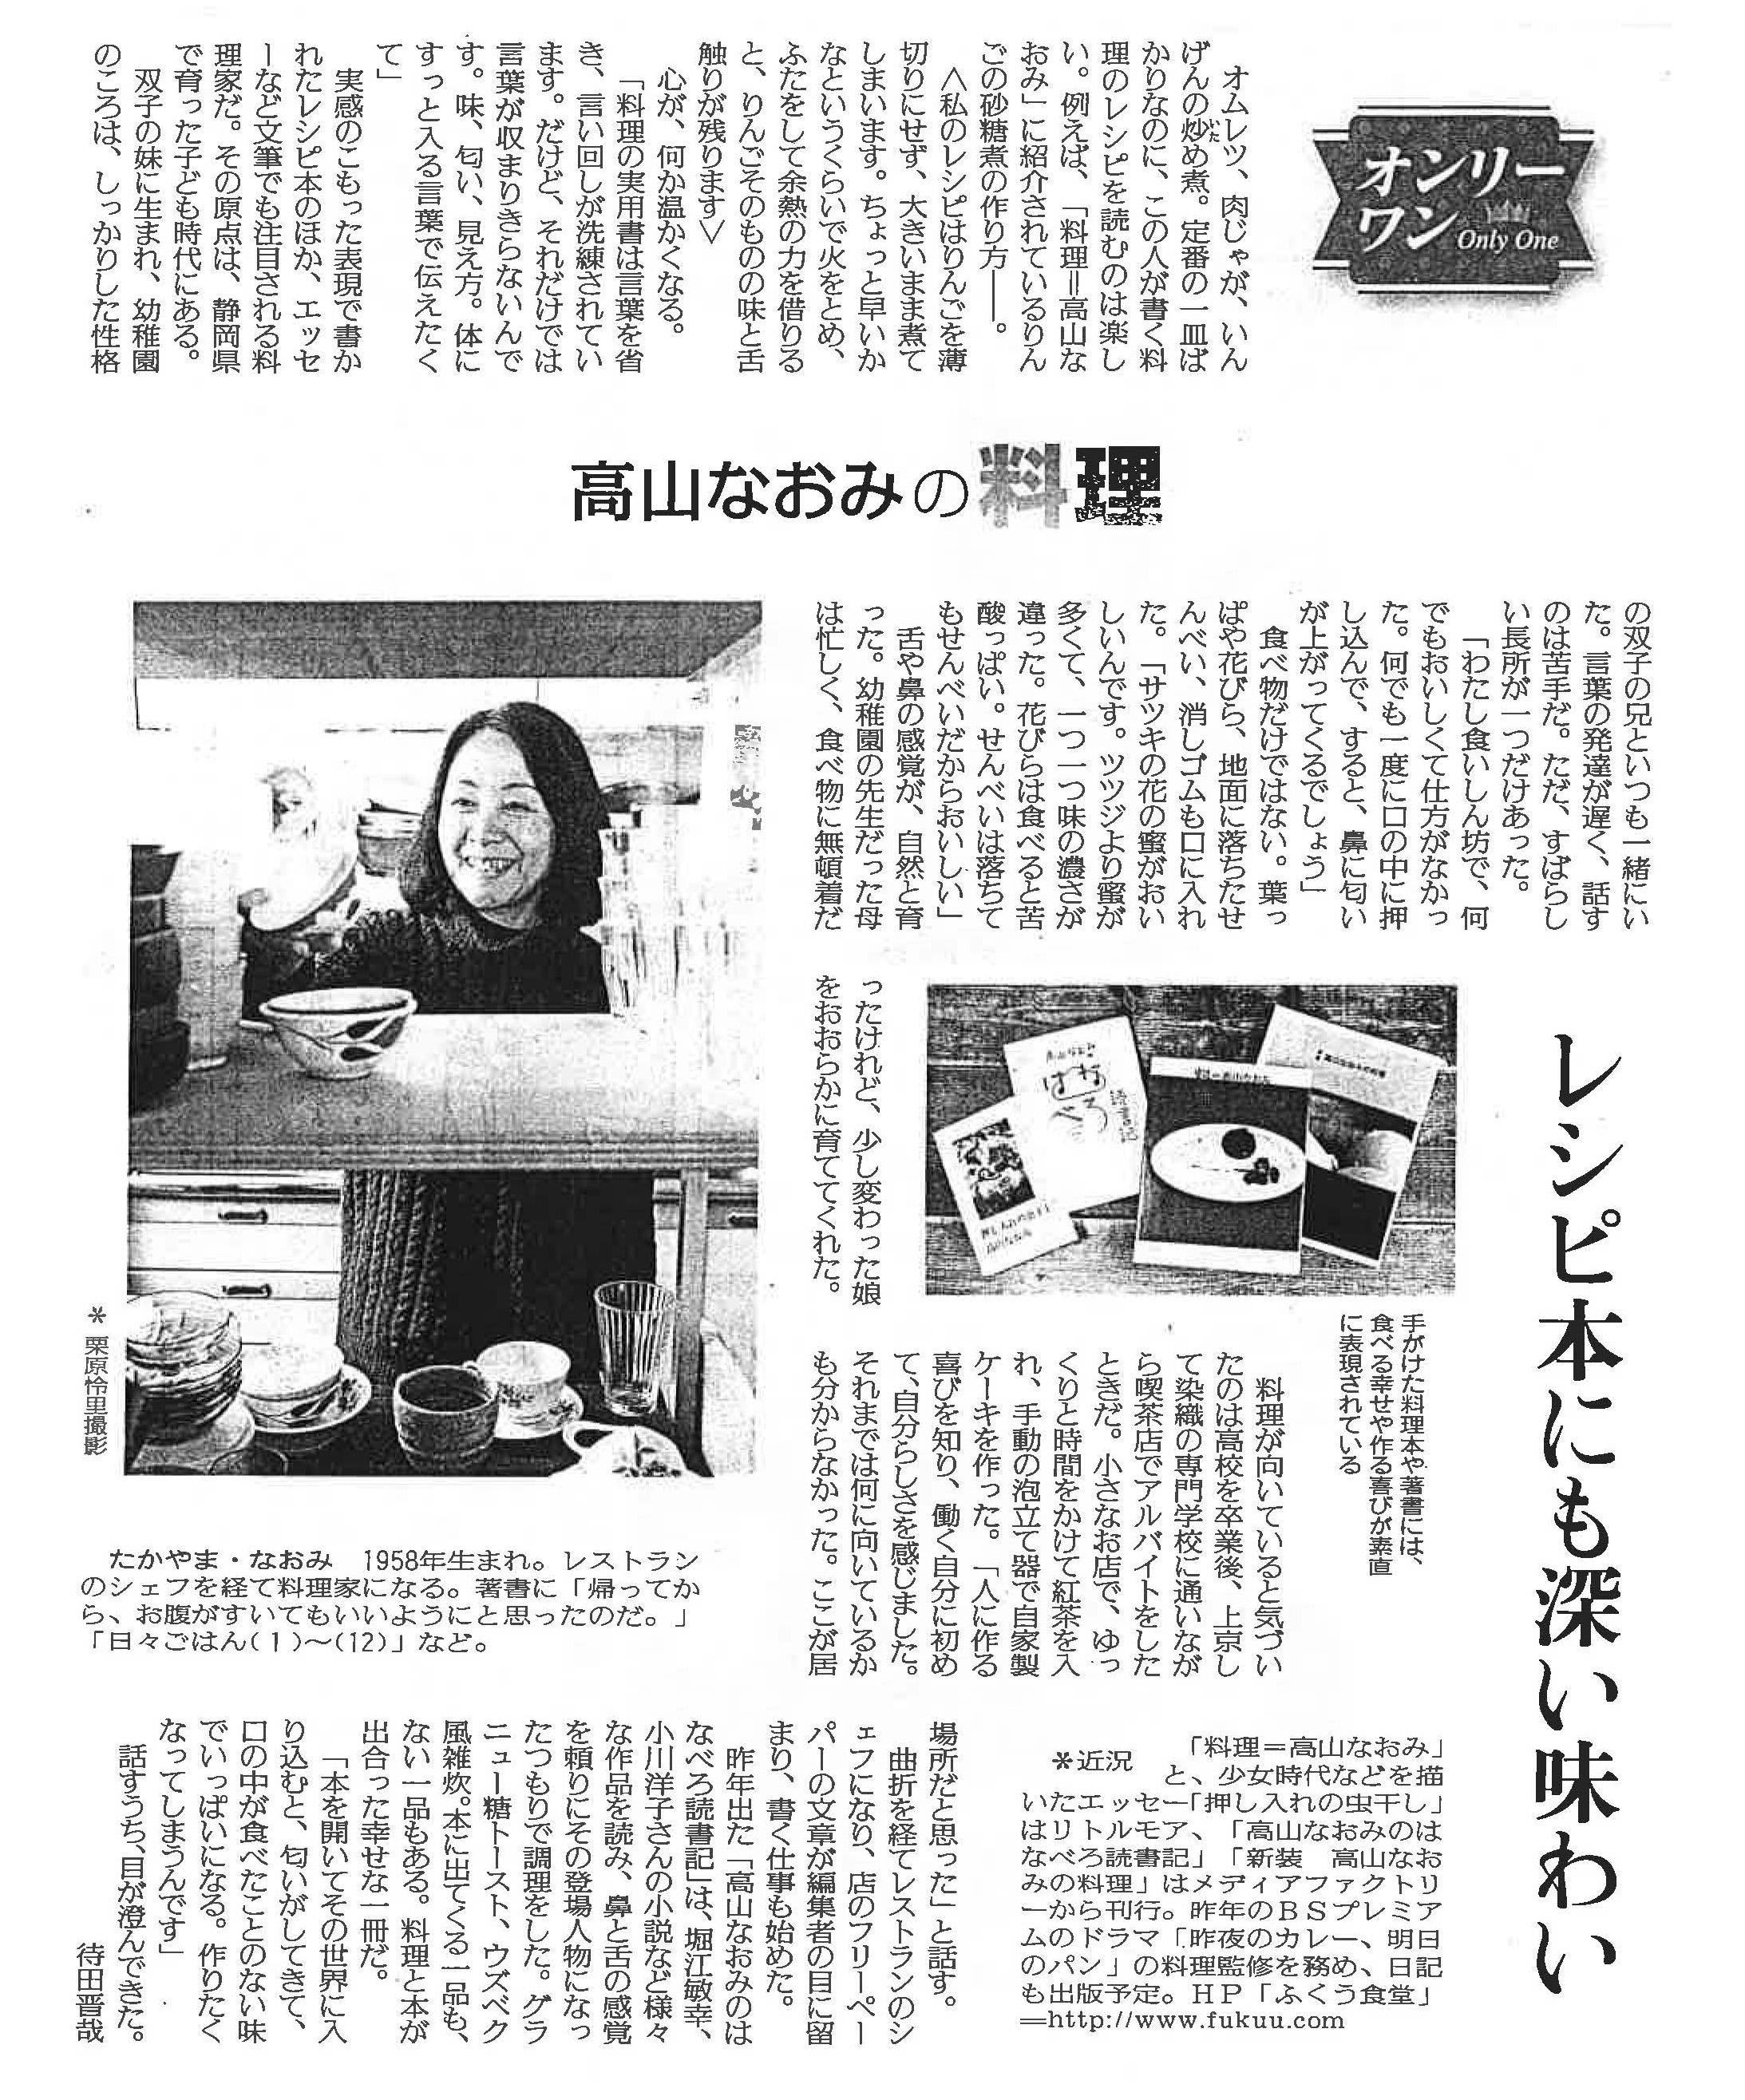 新聞記事2014.1.13